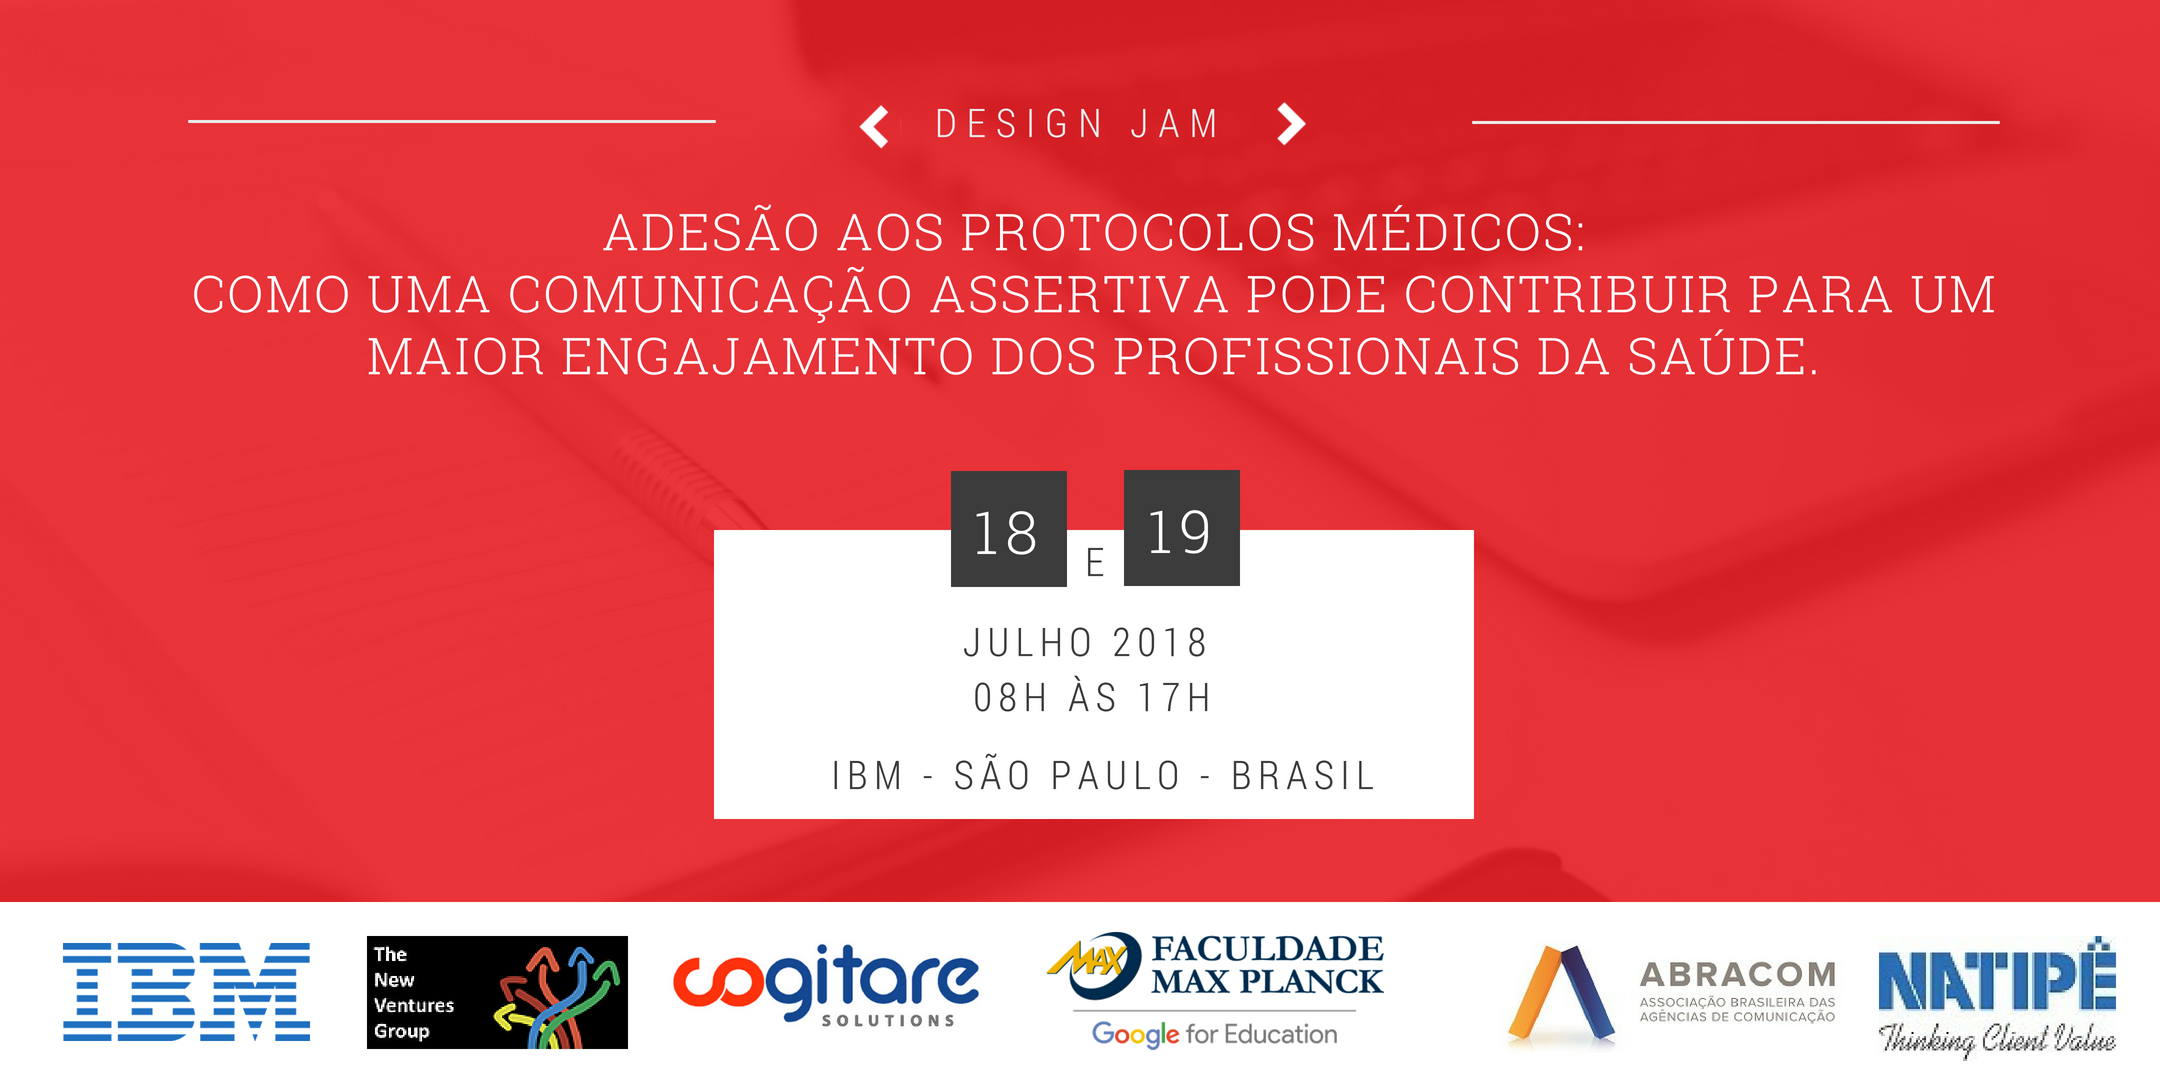 Design Jam – Adesão aos protocolos médicos